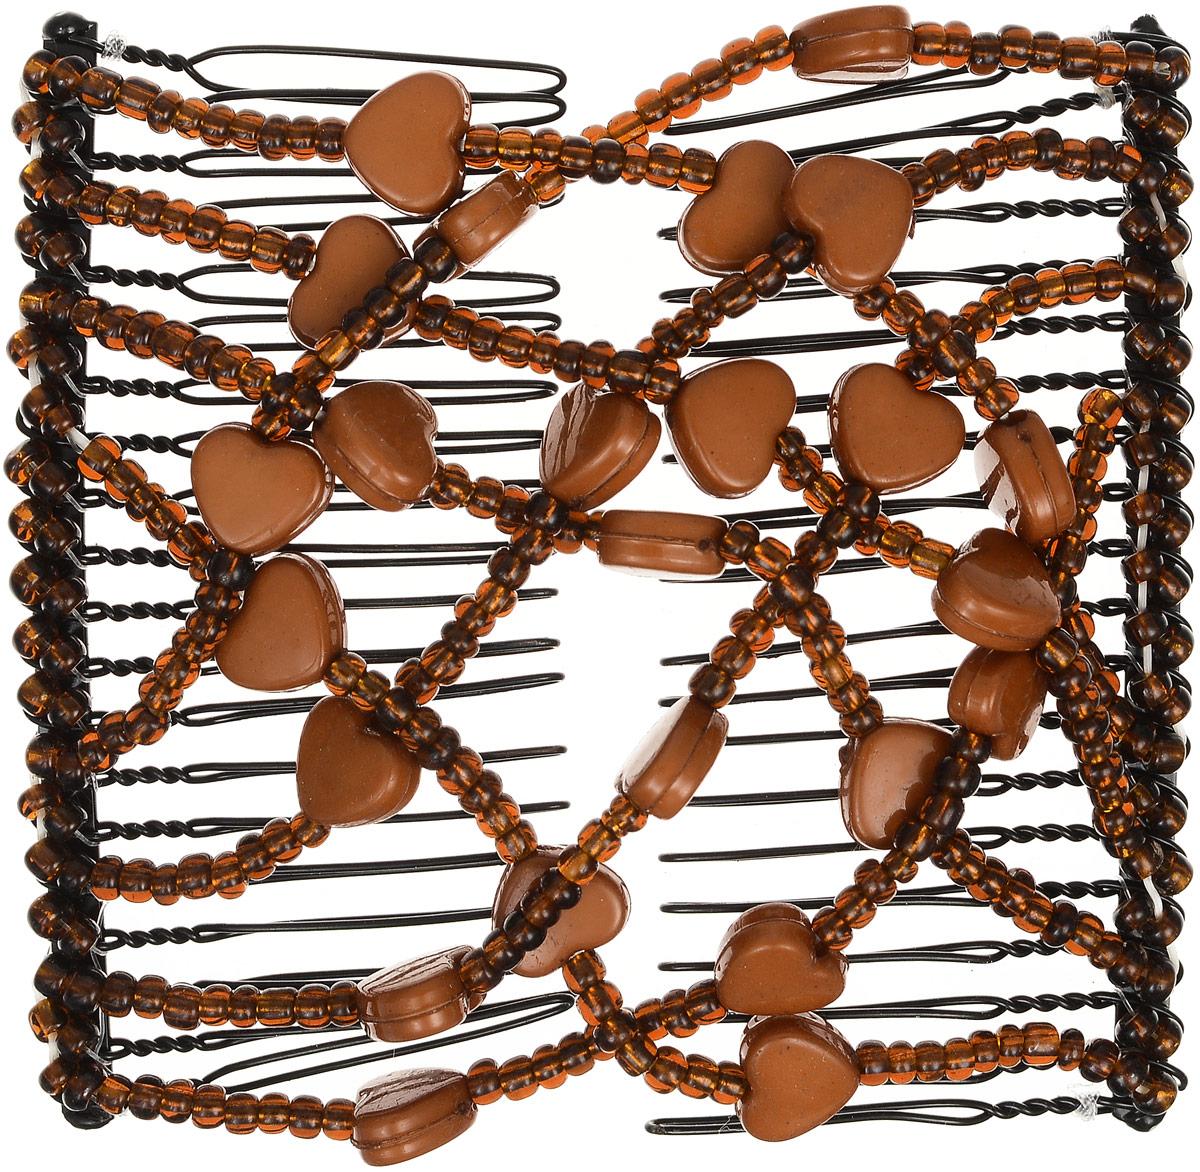 EZ-Combs Заколка Изи-Комбс, одинарная, цвет: коричневый. ЗИО_сердечкиСерьги с подвескамиУдобная и практичная EZ-Combs подходит для любого типа волос: тонких, жестких, вьющихся или прямых, и не наносит им никакого вреда. Заколка не мешает движениям головы и не создает дискомфорта, когда вы отдыхаете или управляете автомобилем. Каждый гребень имеет по 20 зубьев для надежной фиксации заколки на волосах! И даже во время бега и интенсивных тренировок в спортзале EZ-Combs не падает; она прочно фиксирует прическу, сохраняя укладку в первозданном виде.Небольшая и легкая заколка для волос EZ-Combs поместится в любой дамской сумочке, позволяя быстро и без особых усилий создавать неповторимые прически там, где вам это удобно. Гребень прекрасно сочетается с любой одеждой: будь это классический или спортивный стиль, завершая гармоничный облик современной леди. И неважно, какой образ жизни вы ведете, если у вас есть EZ-Combs, вы всегда будете выглядеть потрясающе.